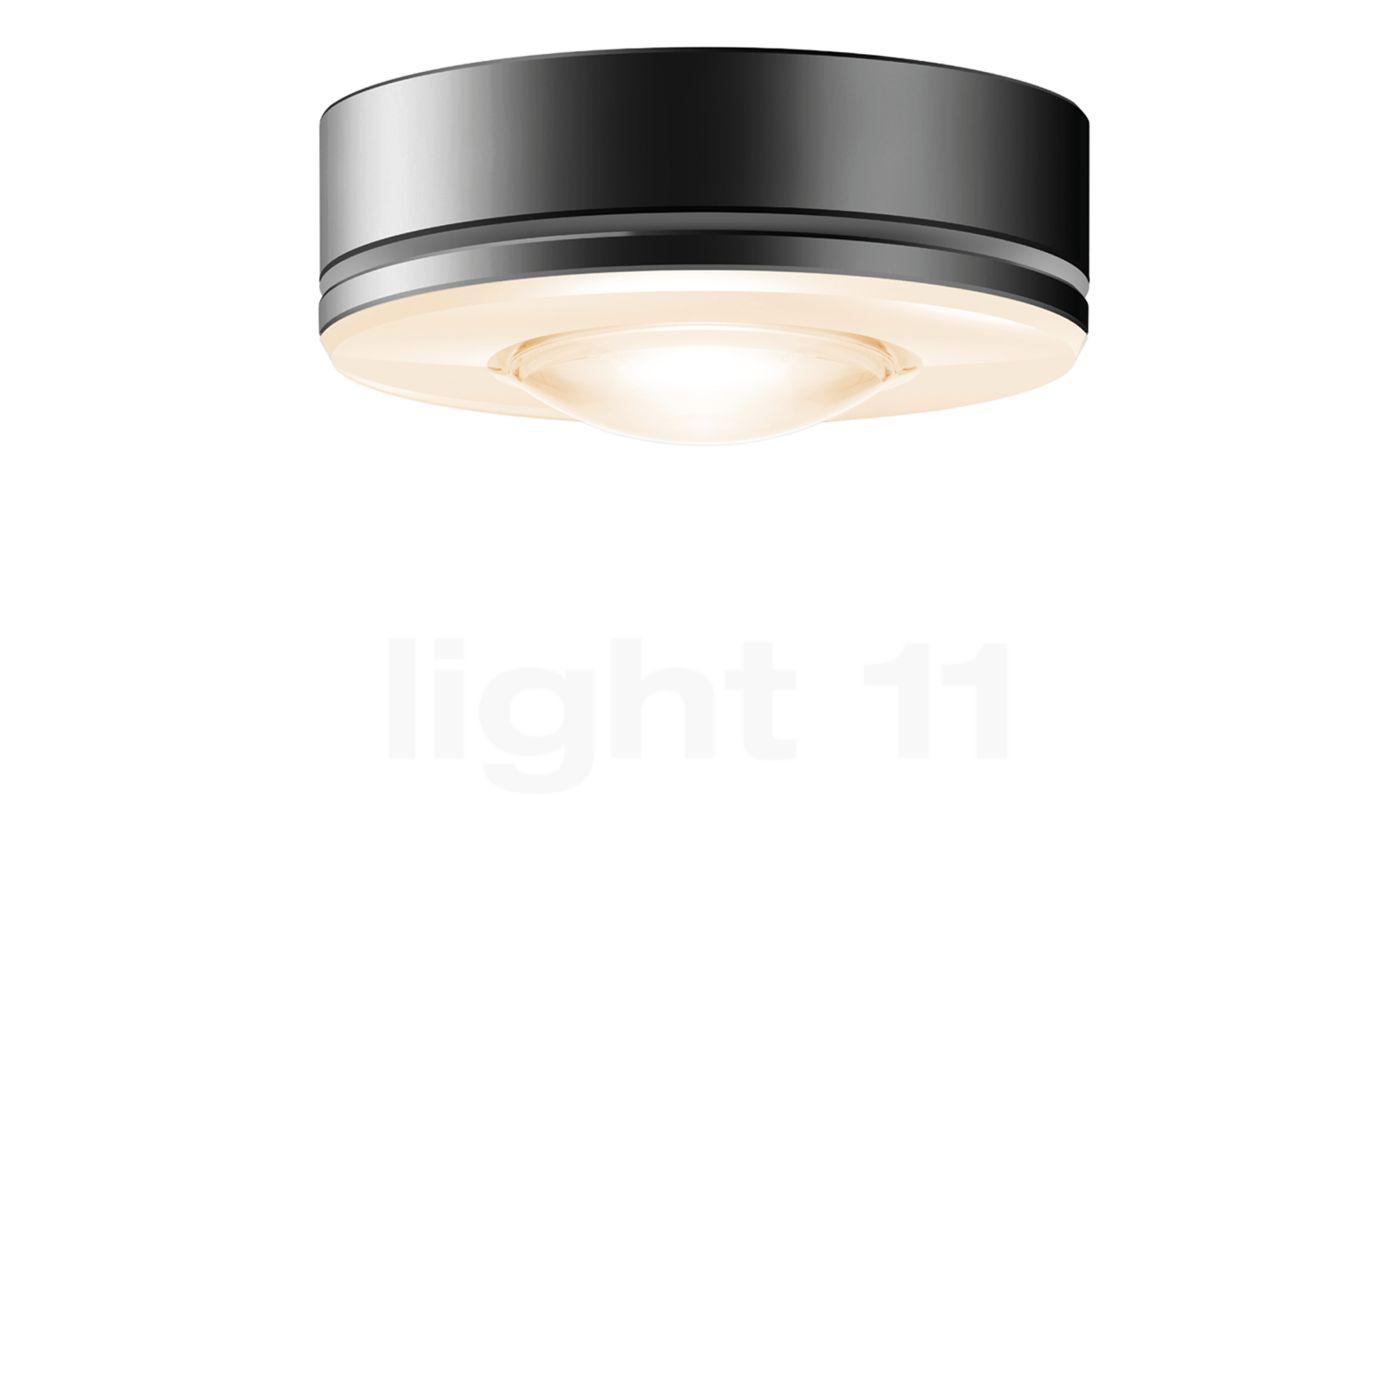 Bruck Euclid Deckenleuchte LED Niedervolt, schwarz 100872sw